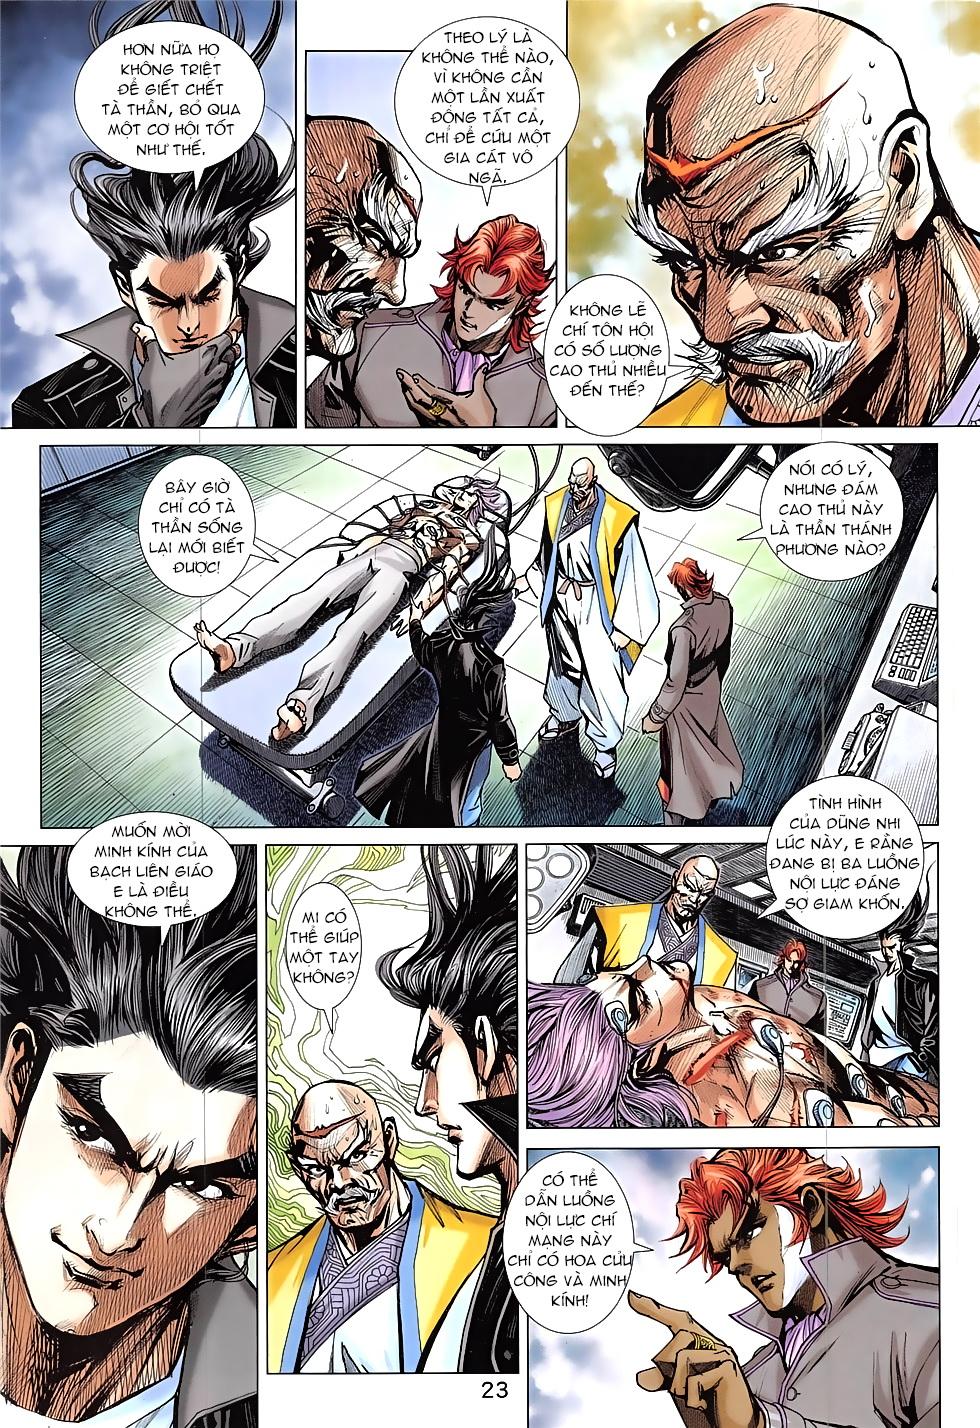 Tân Tác Long Hổ Môn Chap 837 page 23 - Truyentranhaz.net